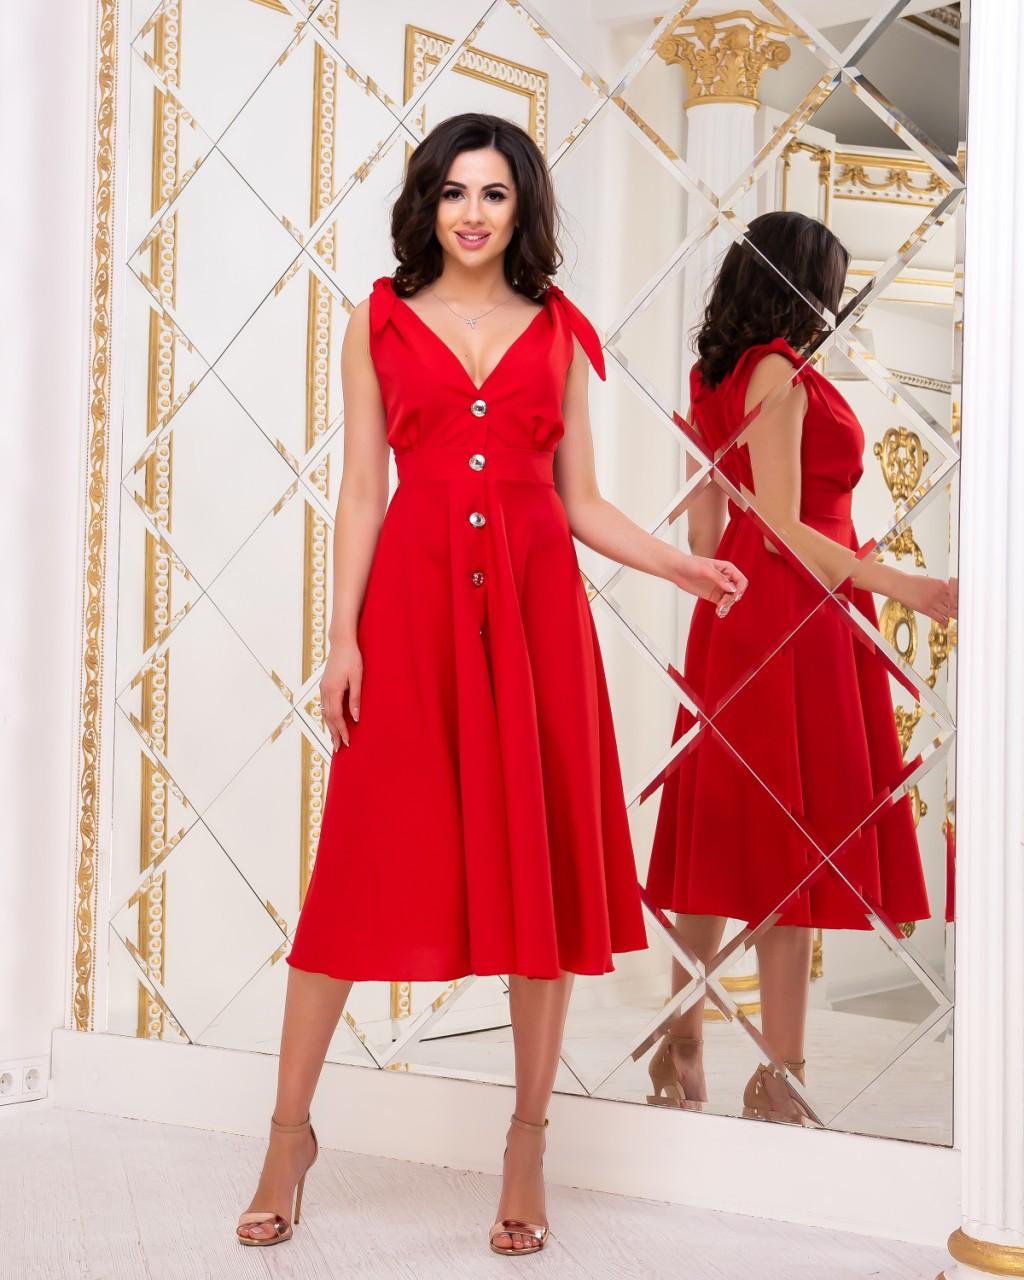 Красивое летнее платье на пуговицах с завышенной талией и завязками на плечах